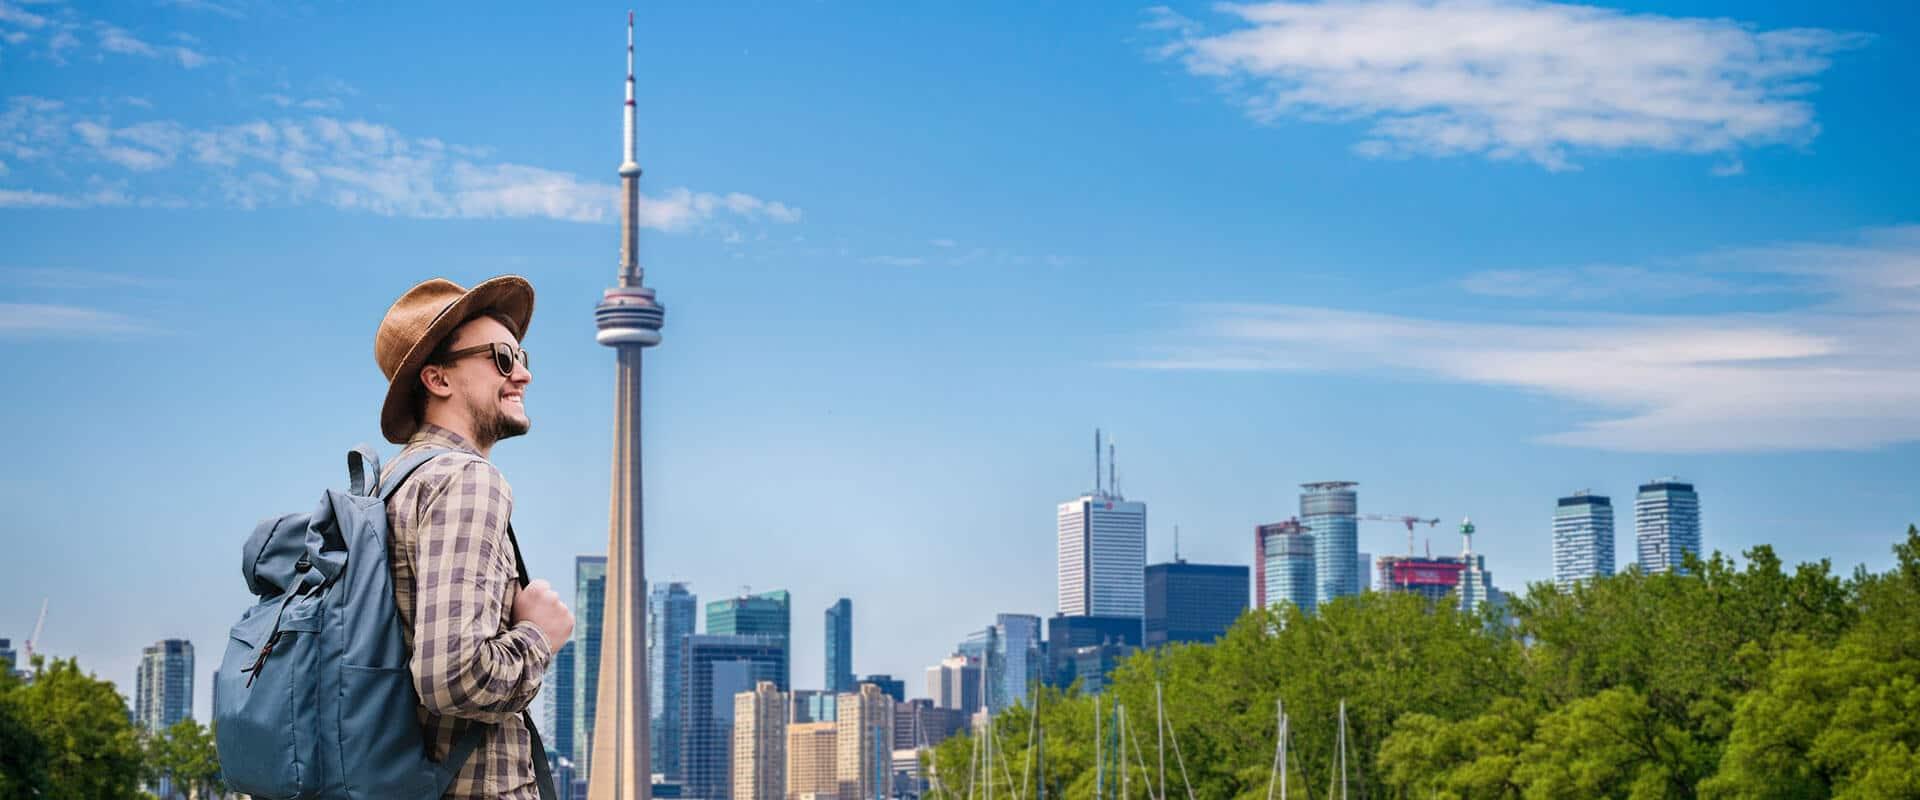 Auslandskrankenversicherung für Studenten in Kanada